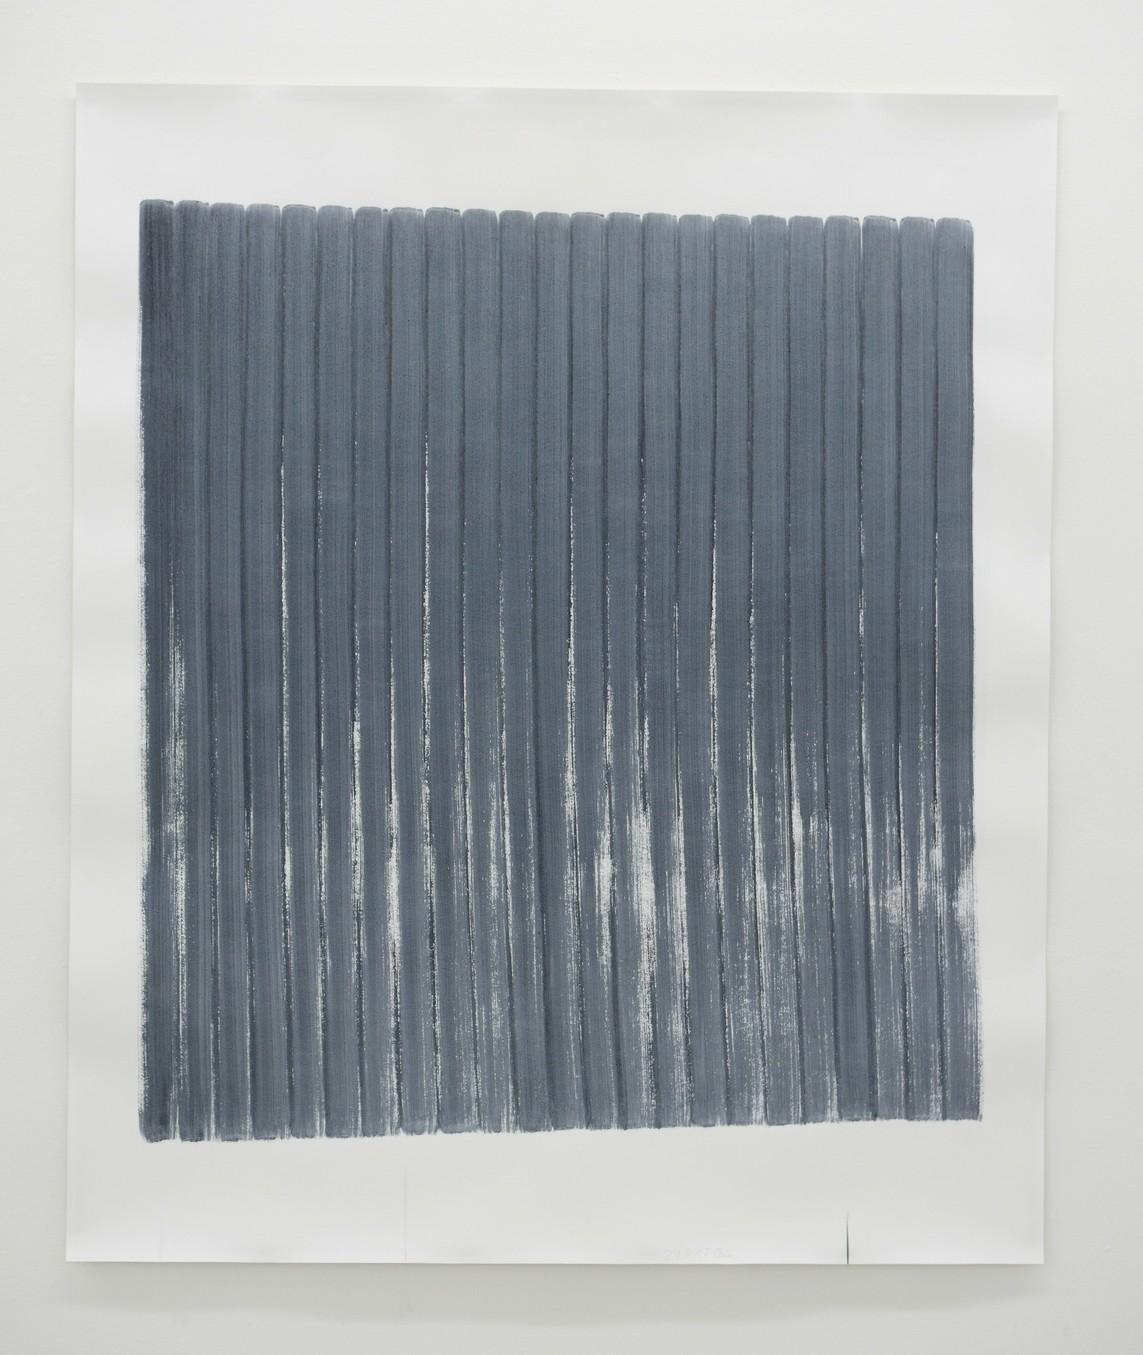 o.T. (29.8.17), Aquarell auf Papier, 2017, 182 x 152 cm